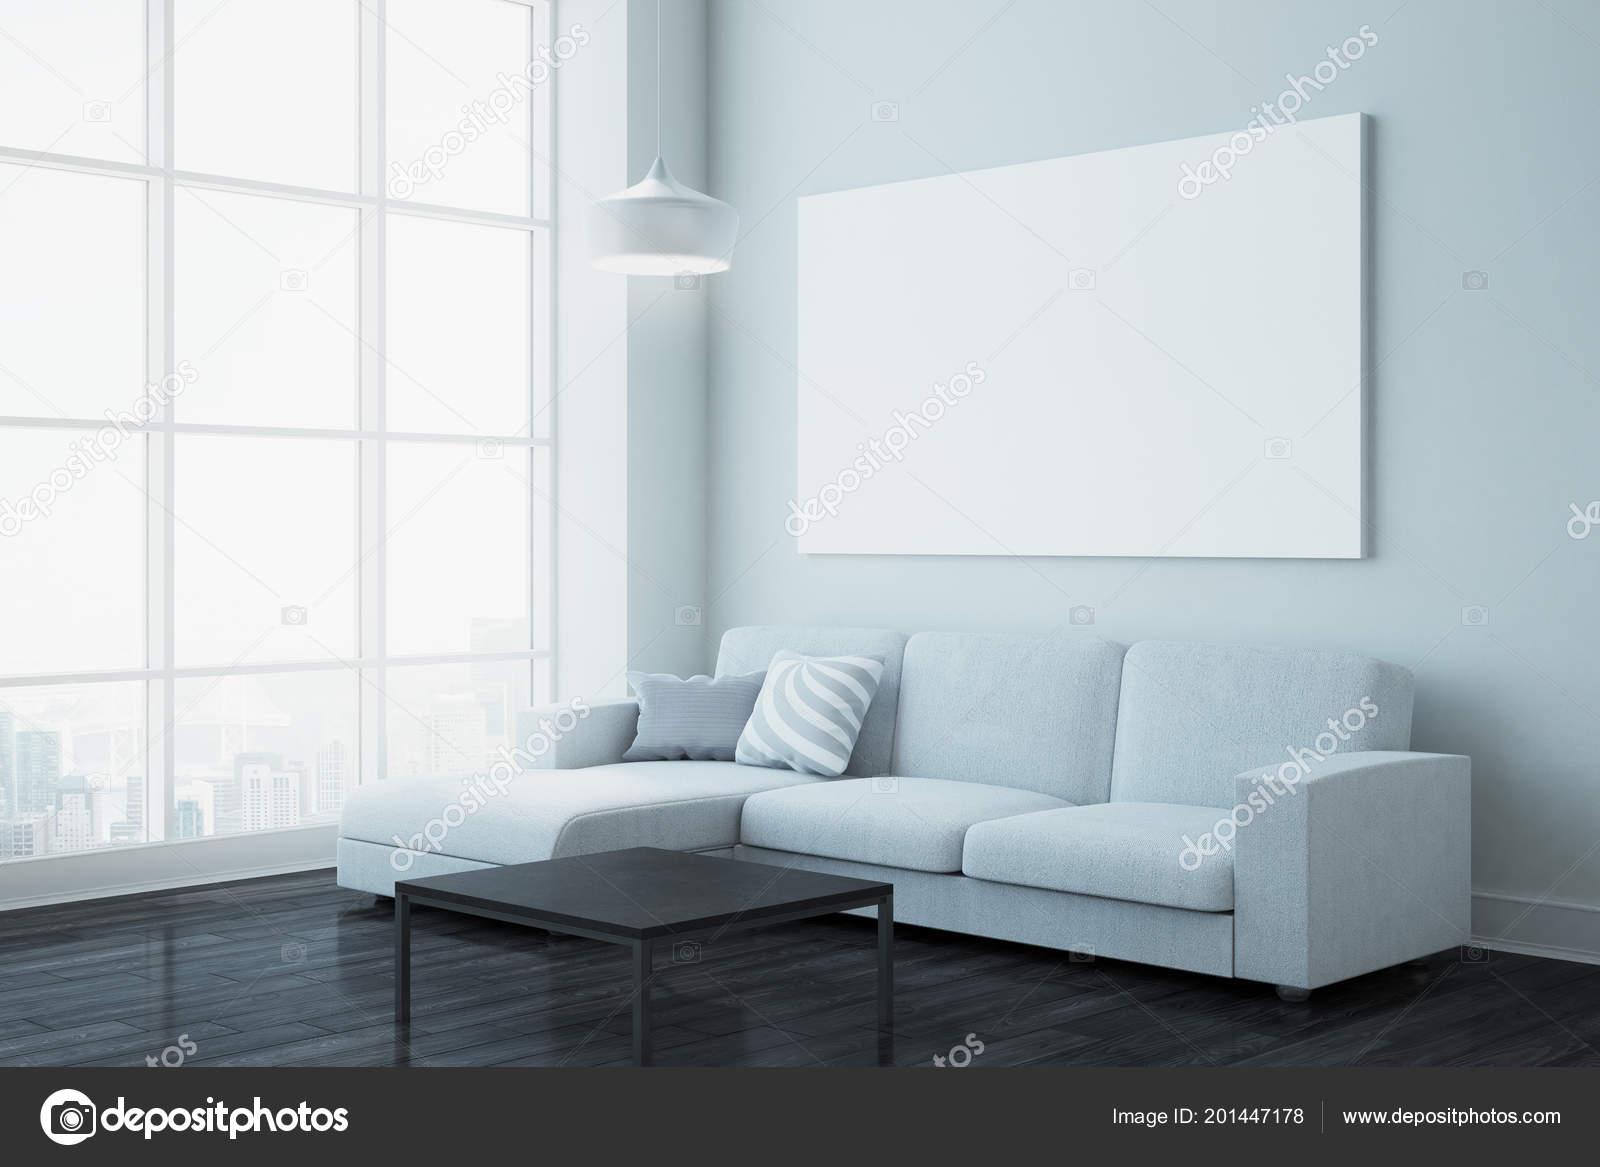 Moderne wohnzimmer interieur mit blick auf die stadt möbel und